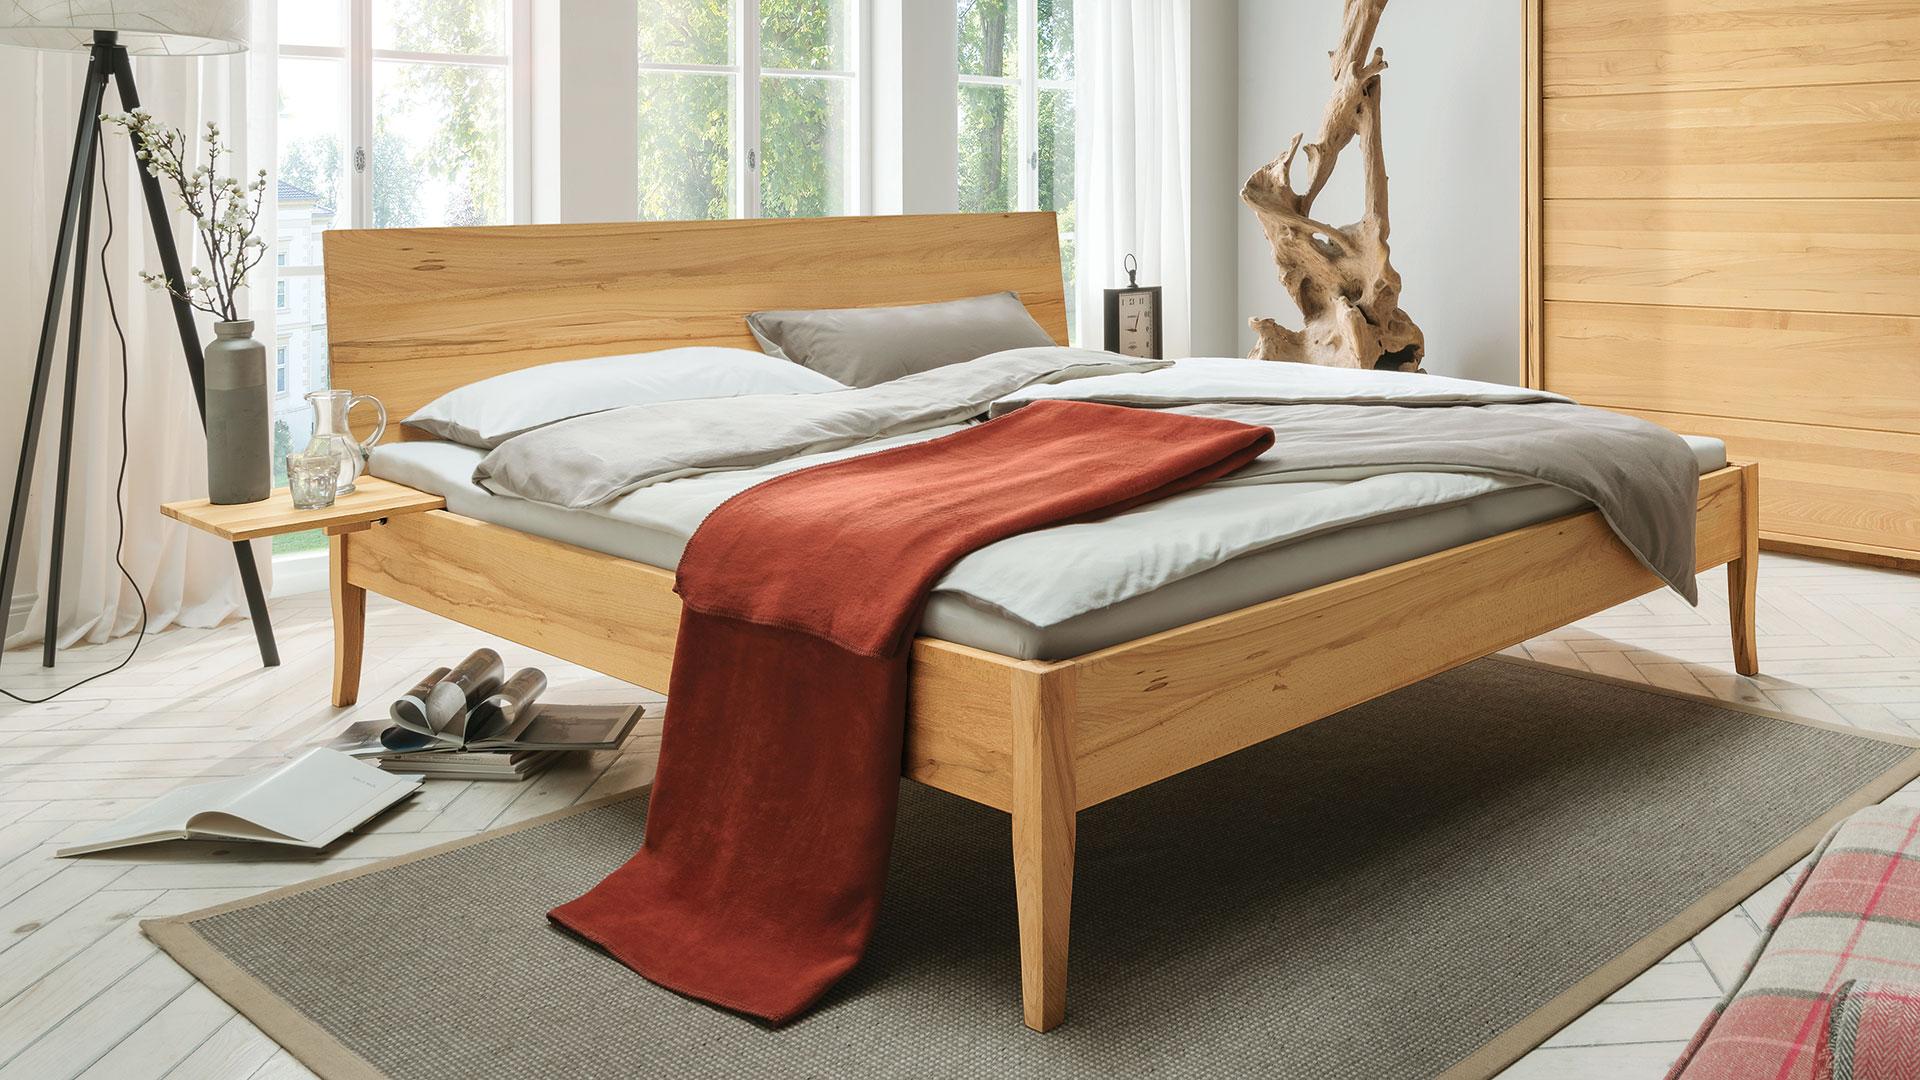 Full Size of Betten überlänge Massivholzbett Ravenna Elegantes Modell Mit 8 Kopfteil Varianten Kaufen 140x200 Bock Joop Wohnwert 90x200 Mädchen Luxus Mannheim Rauch Bett Betten überlänge